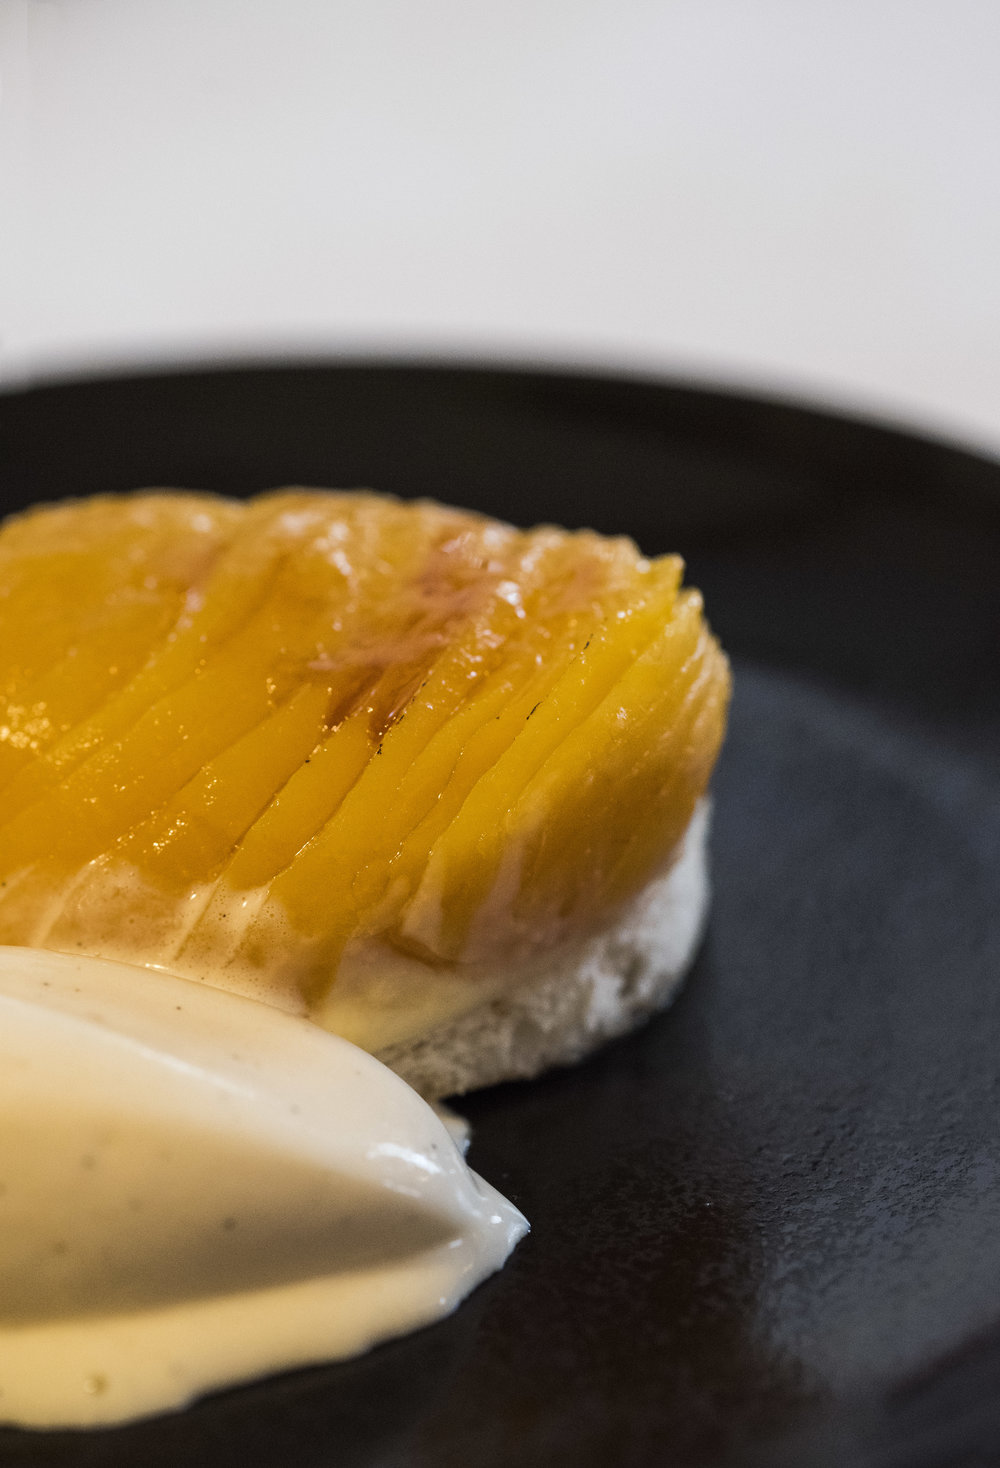 Melocoton con base de dacquoise, crema pastelera y helado de vainilla, Sao Barcelona  Photo © Barcelona Food Experience